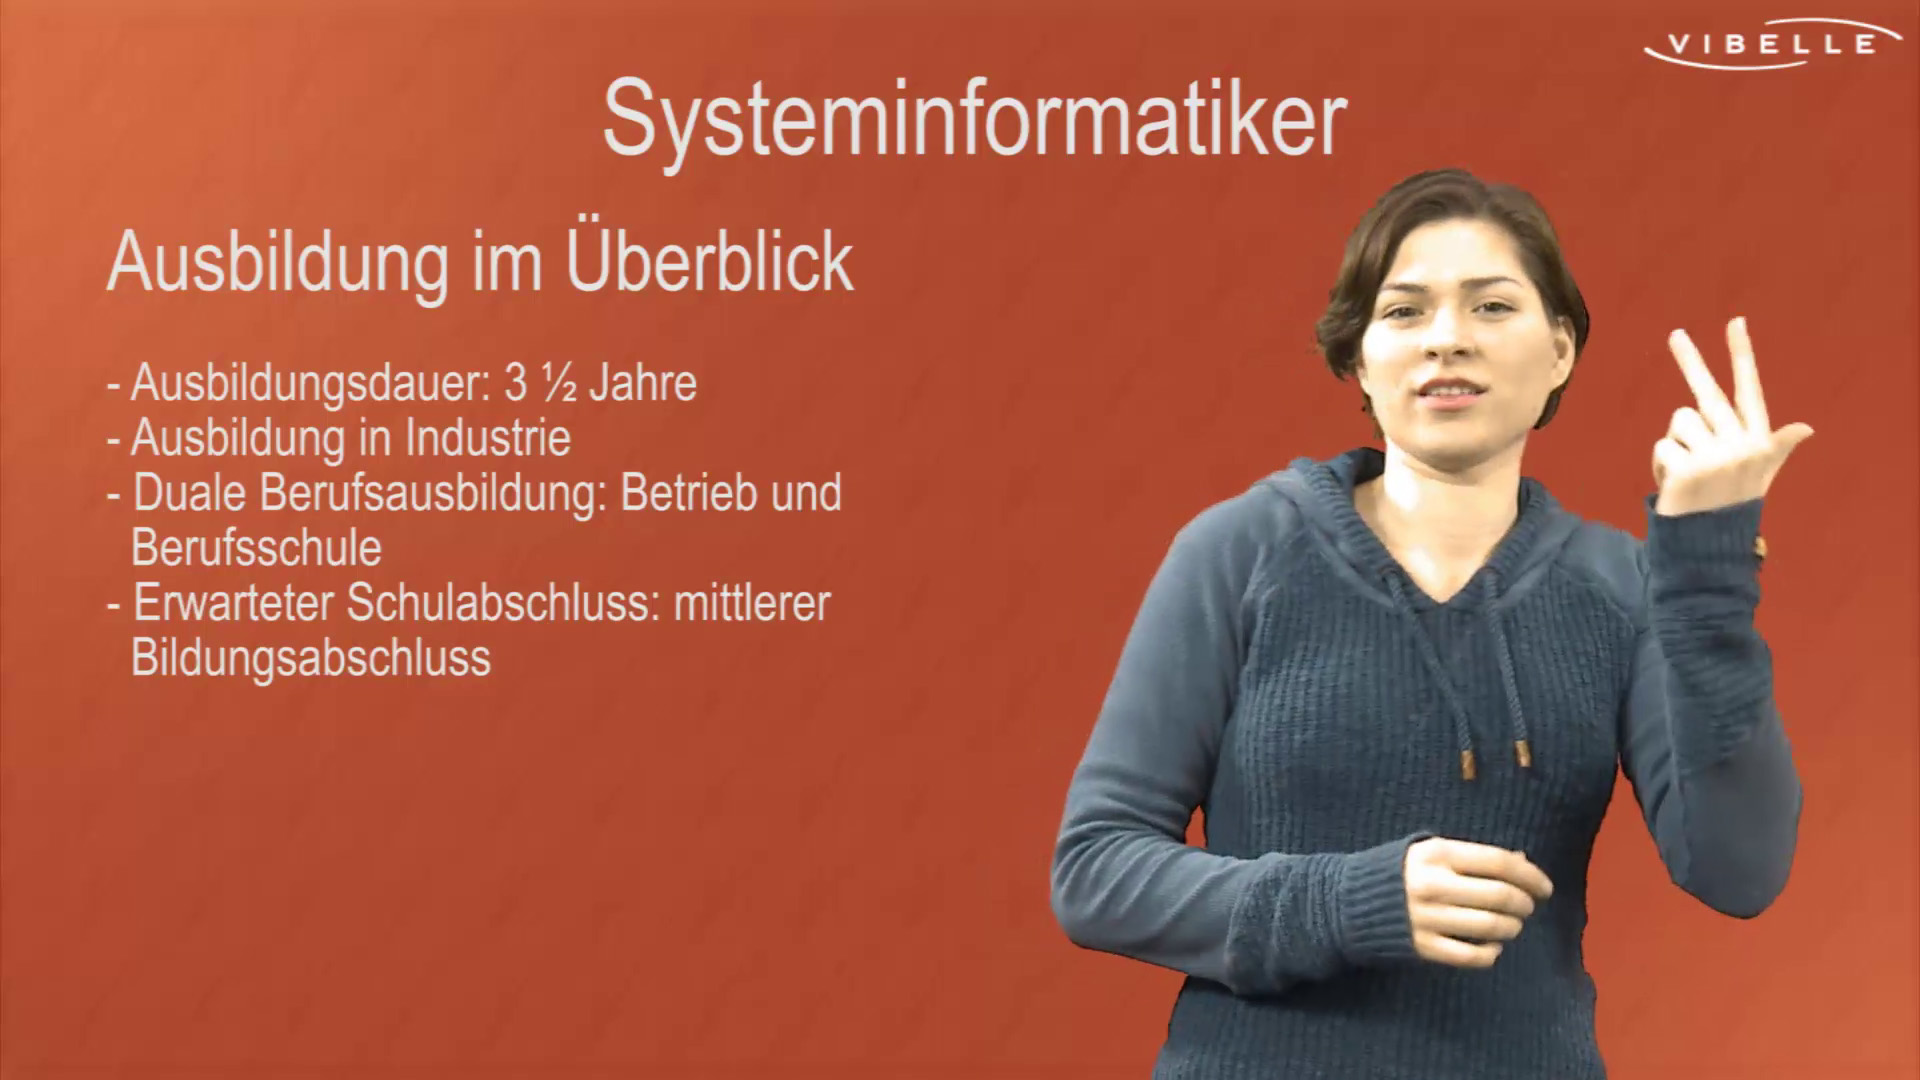 Tech. Systeminformatiker/in